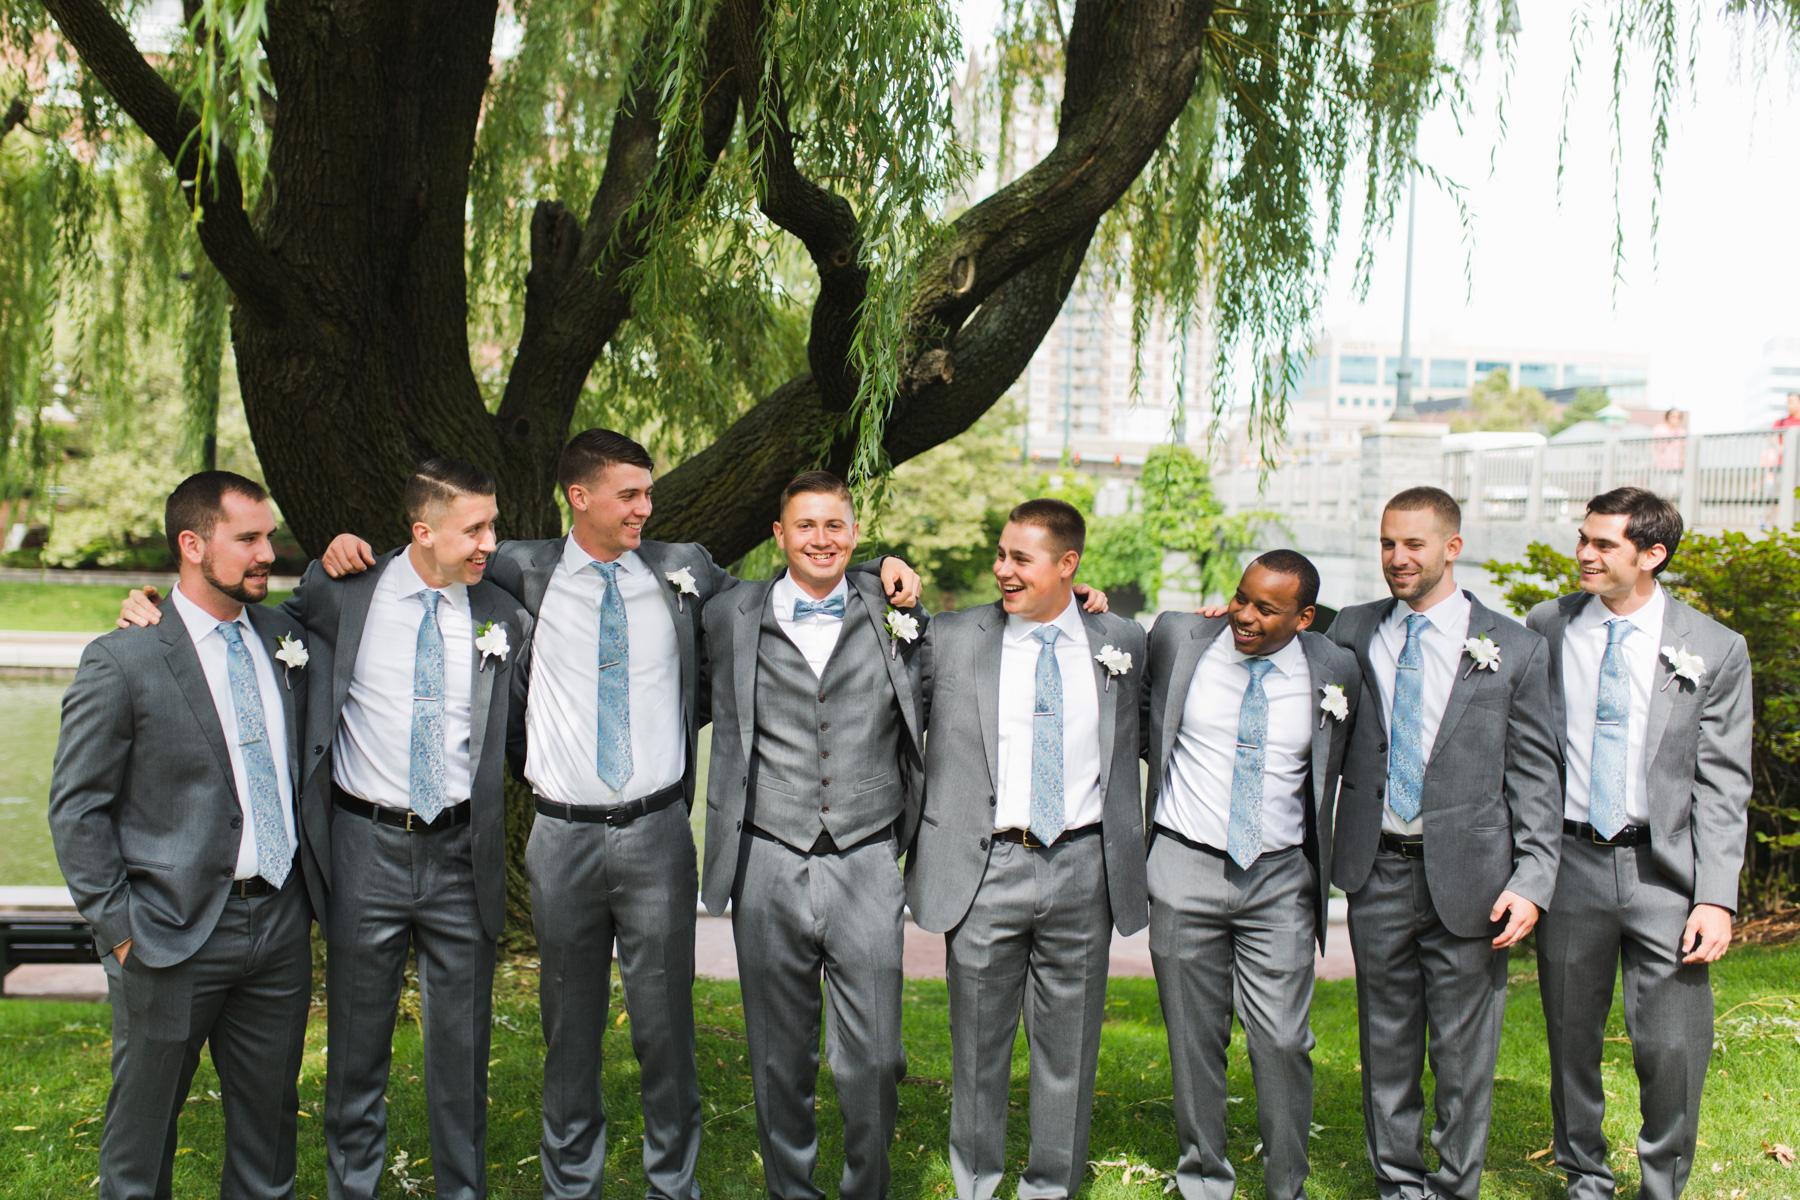 hotel marlowe wedding groomsmen